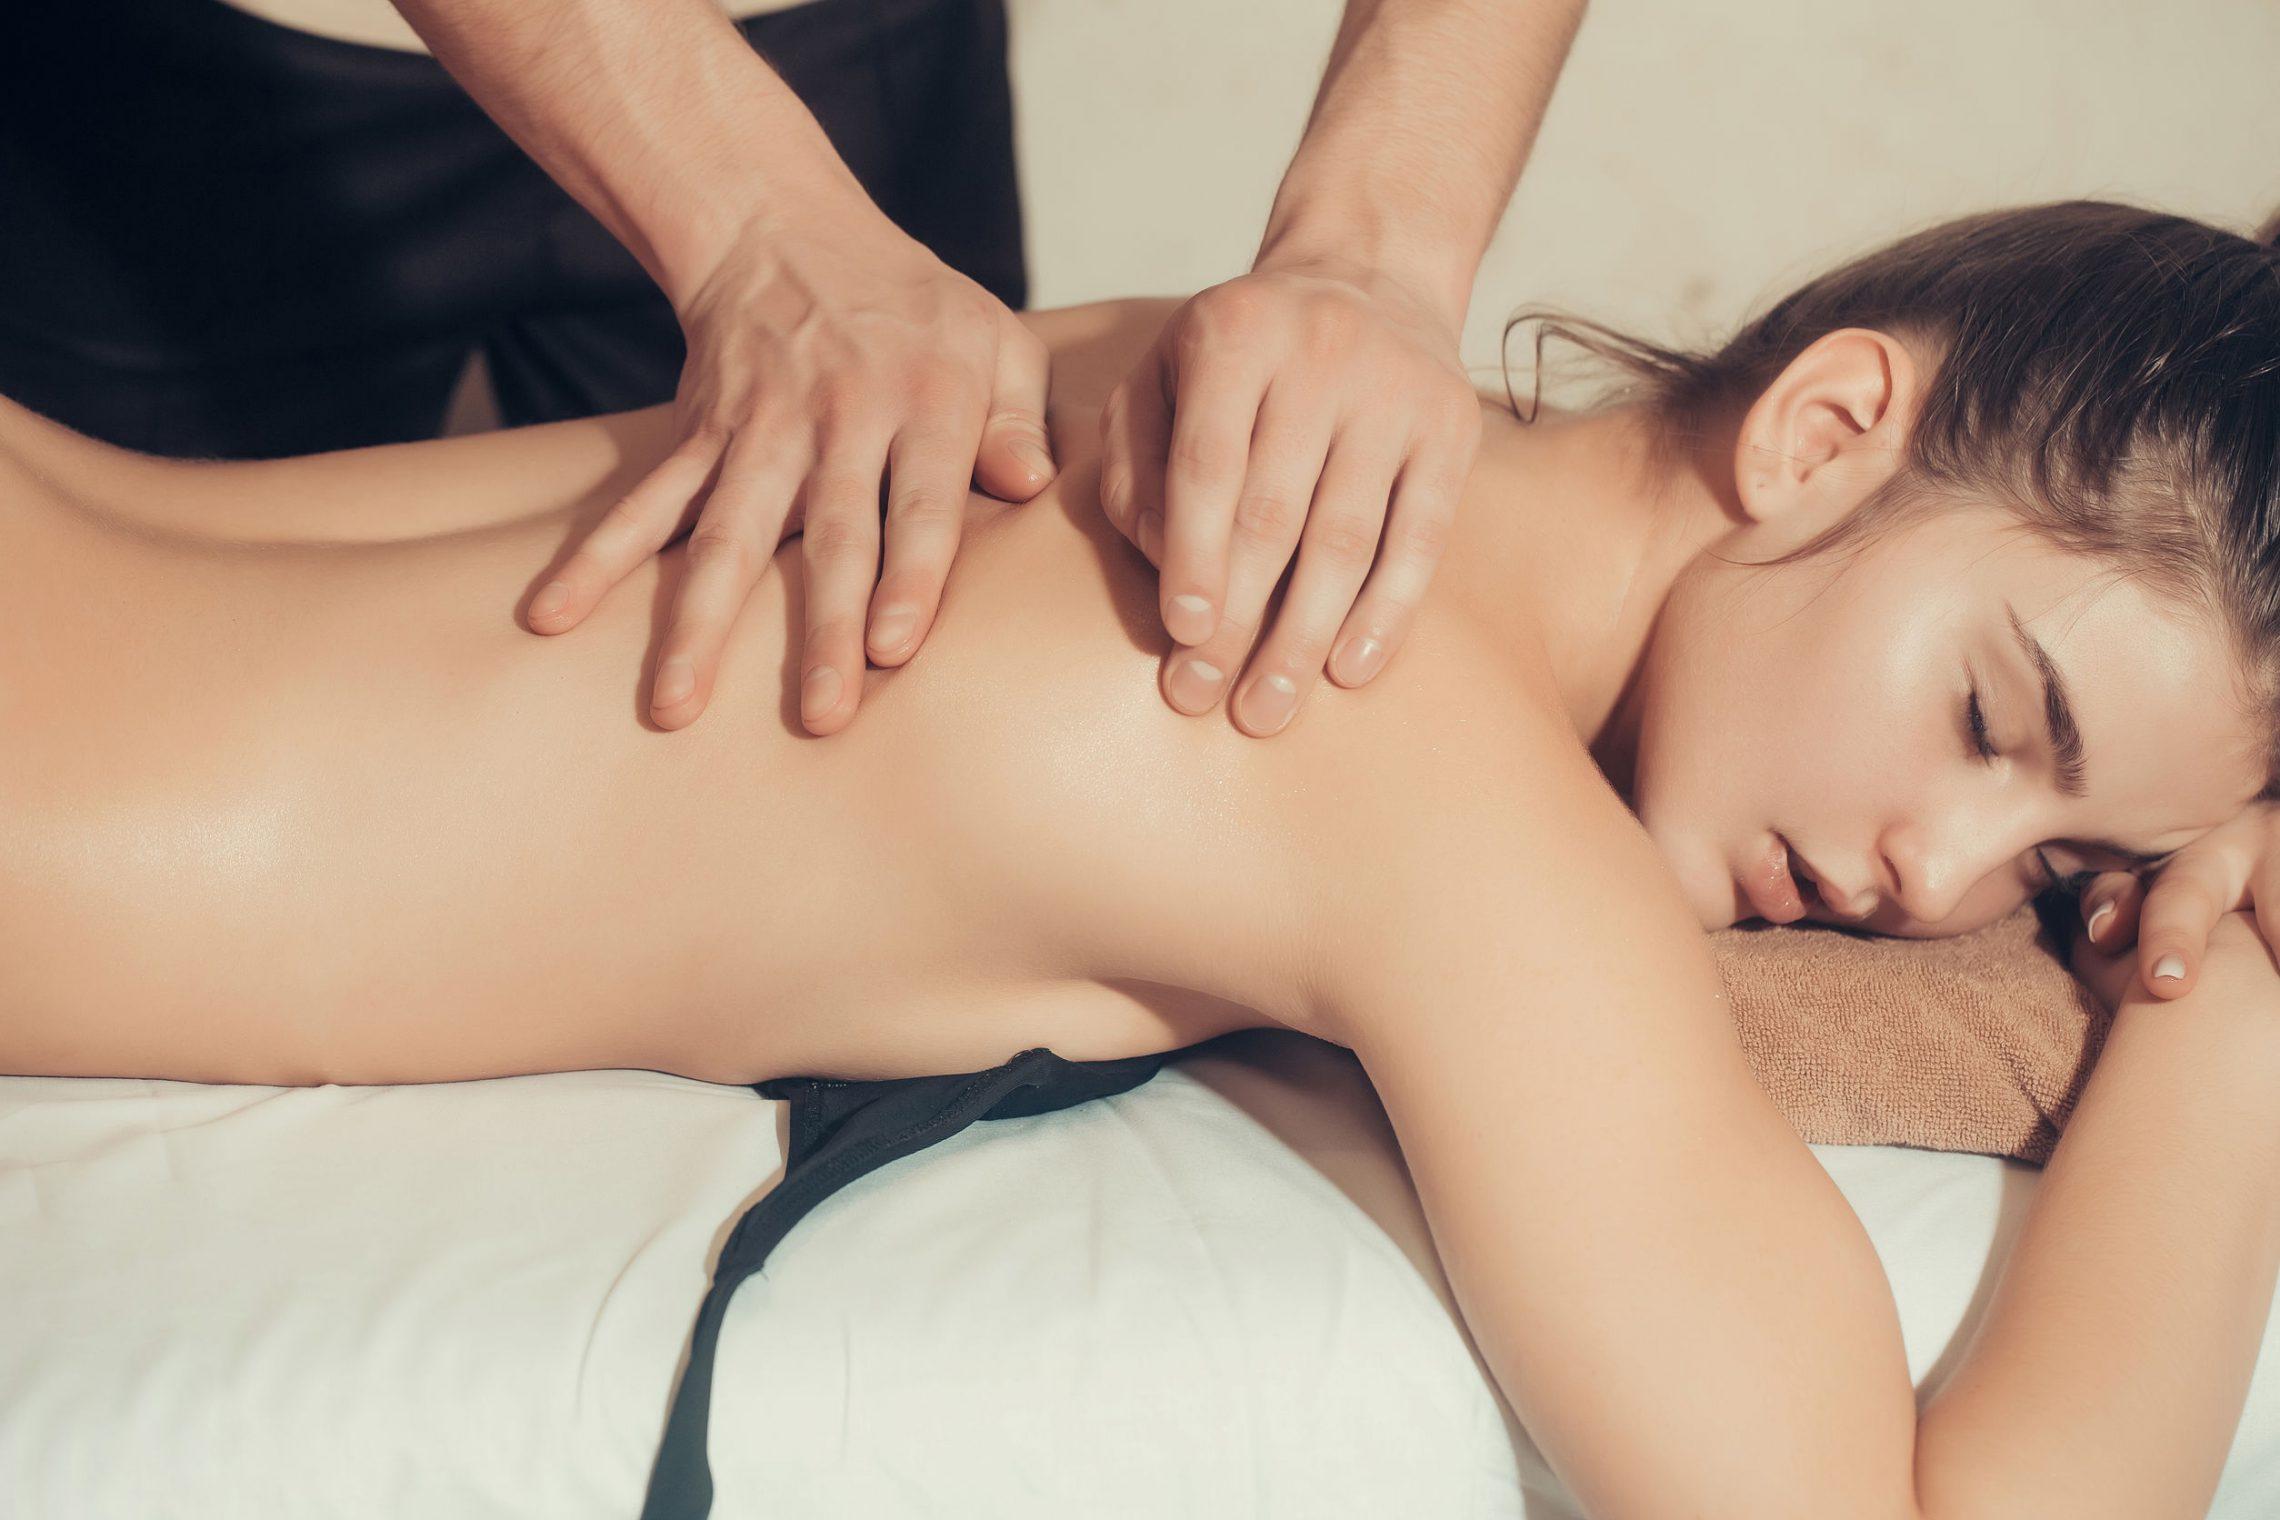 Jakie korzyści daje masaż tantryczny?